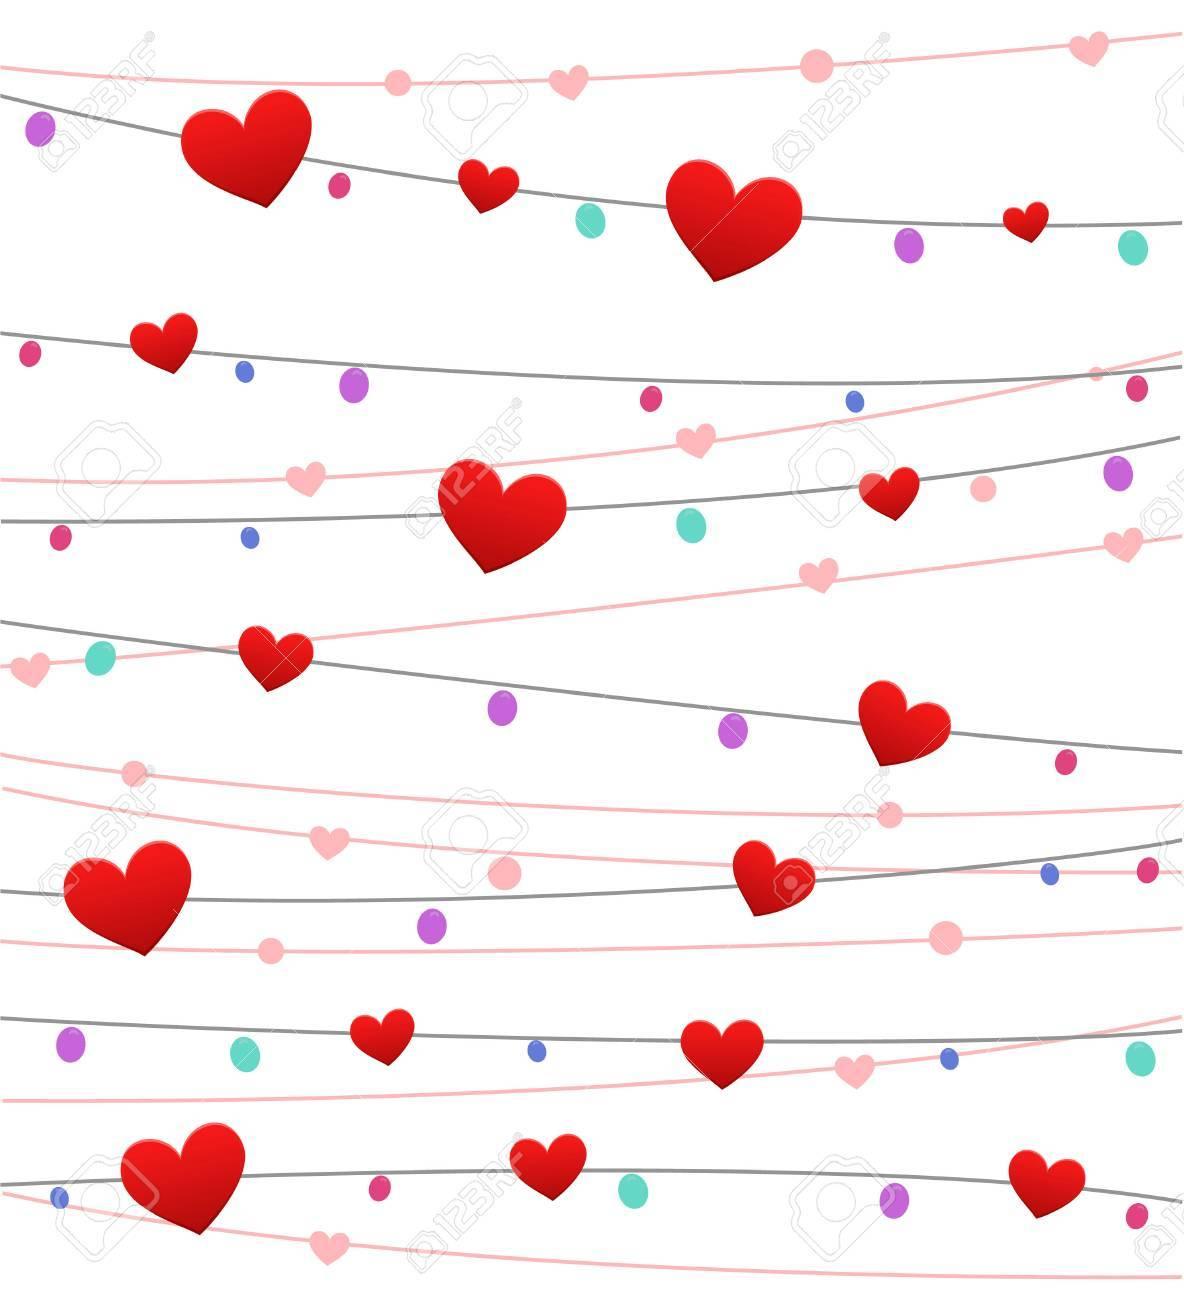 San Valentin Dia Colgando Corazones Decoracion Fondo Ilustraciones - Corazones-de-decoracion